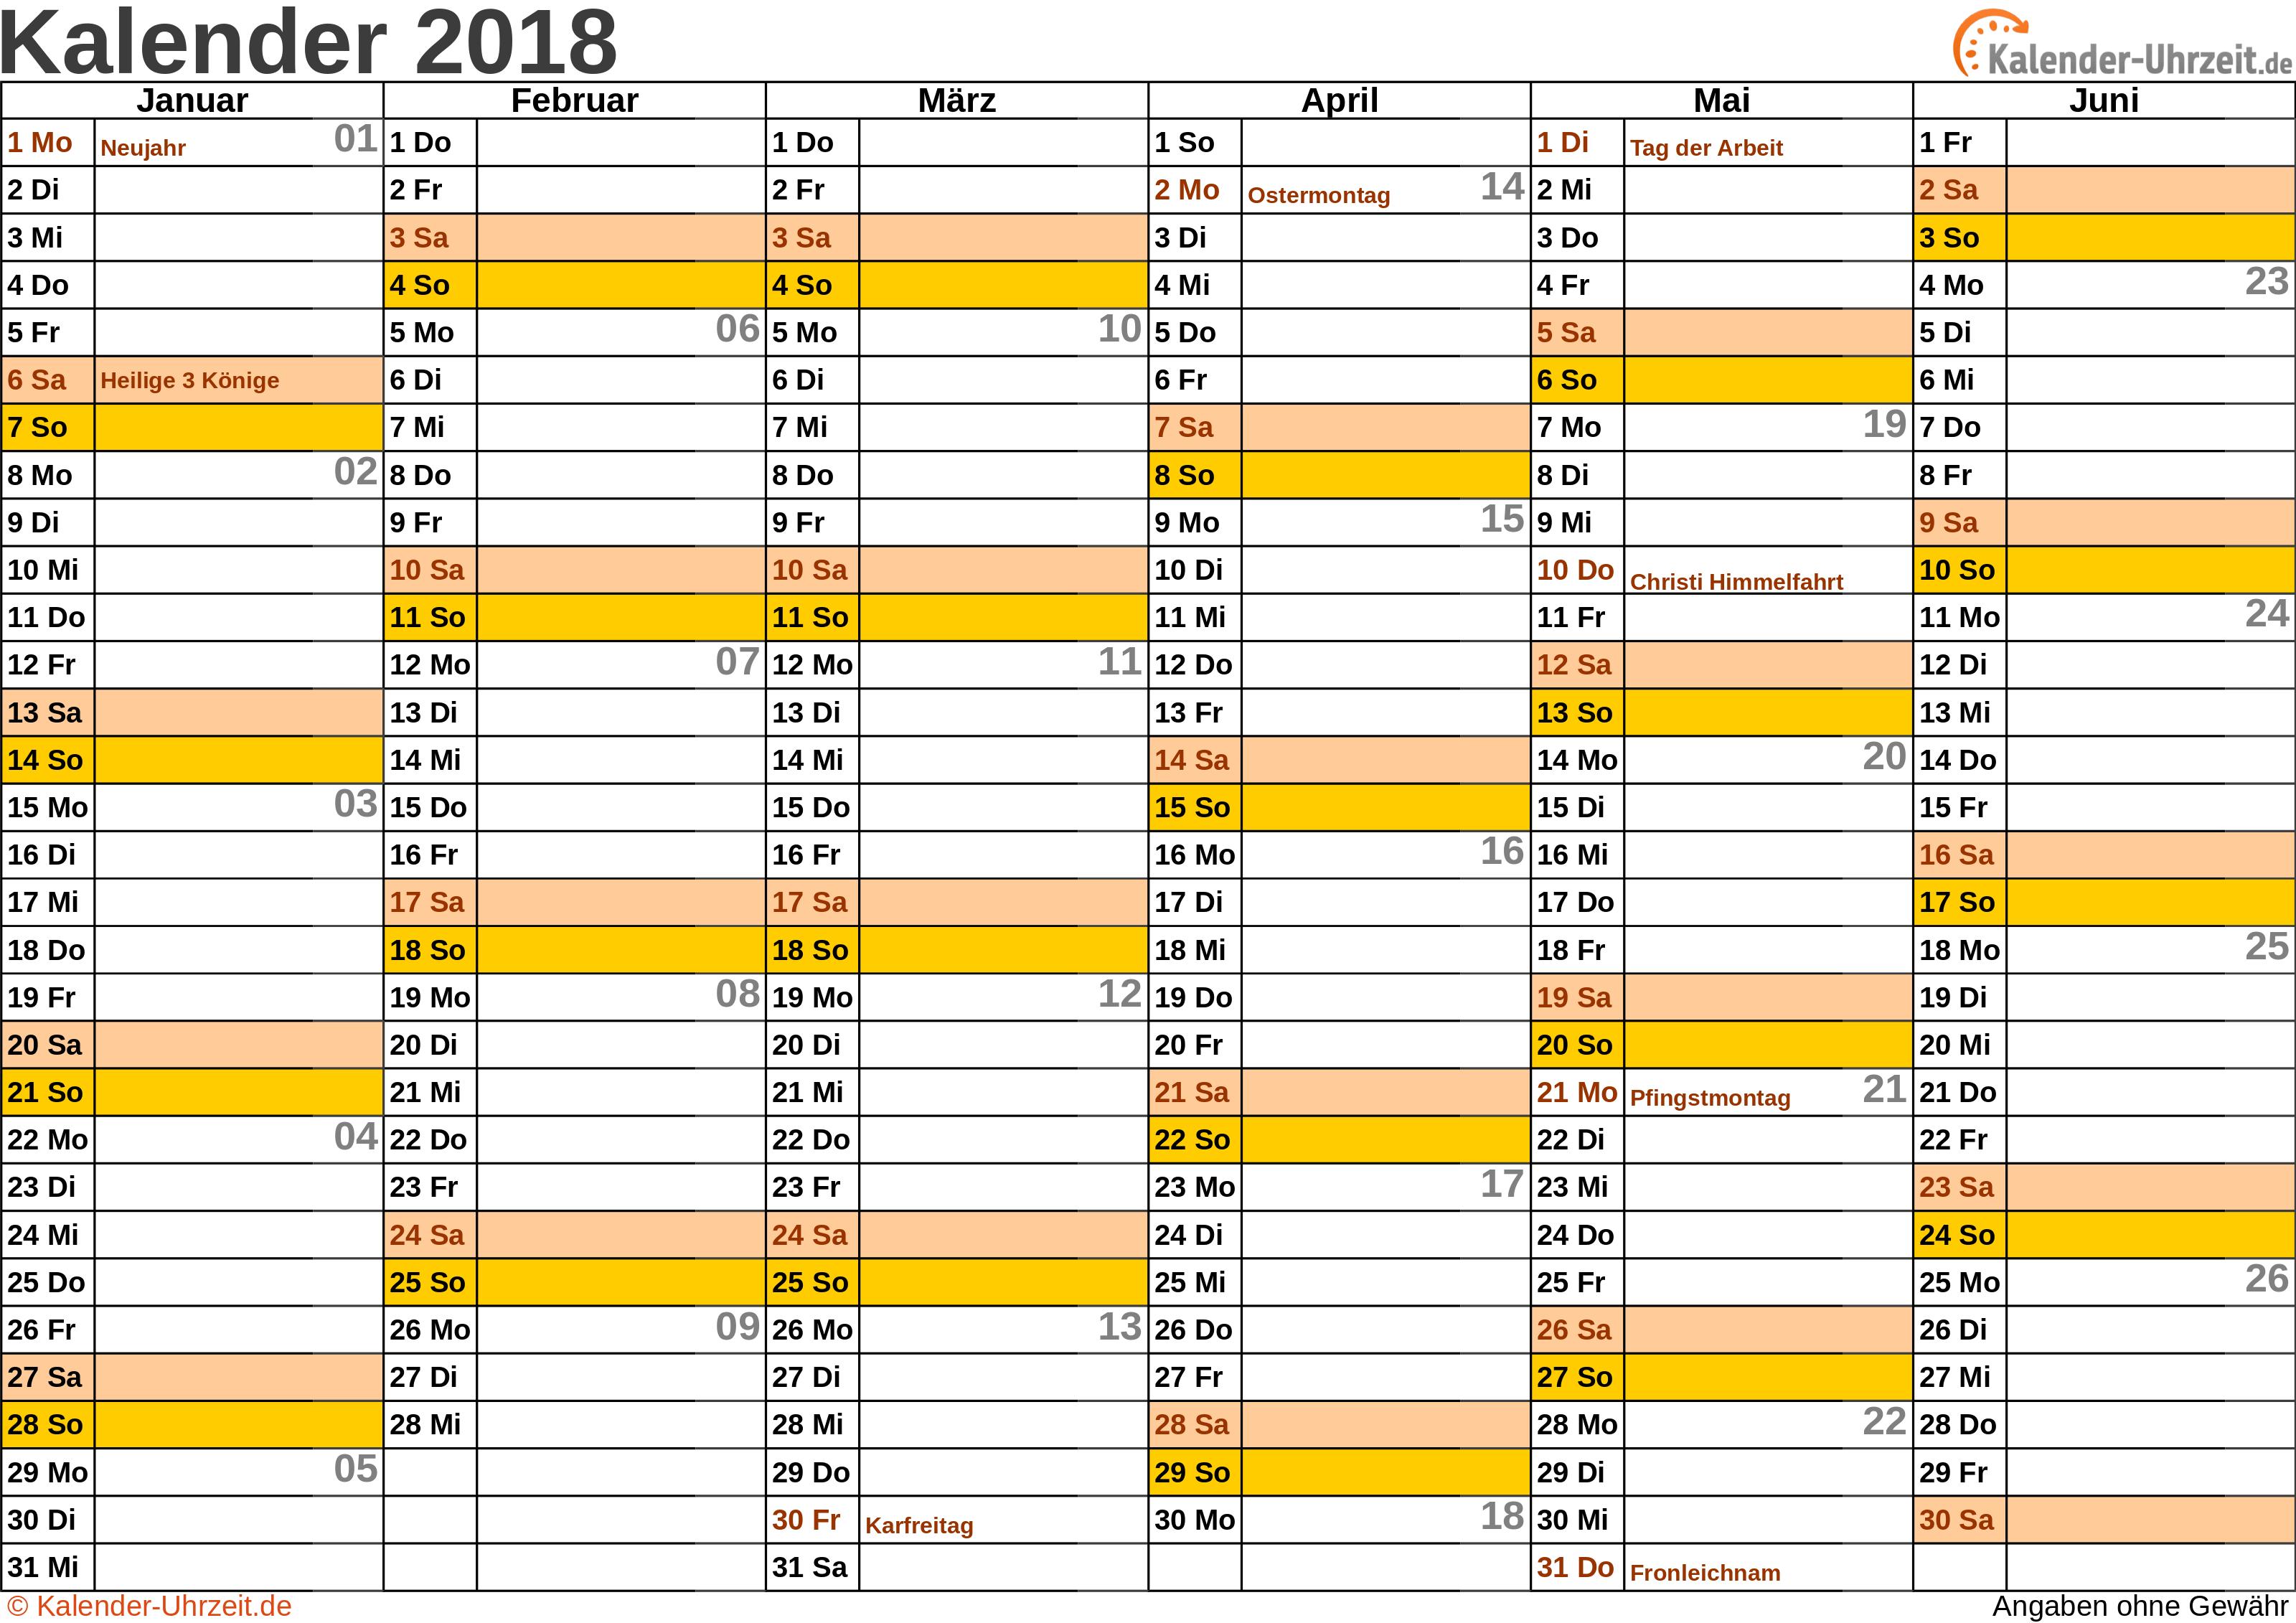 Halbjahreskalender 2018Vorlage